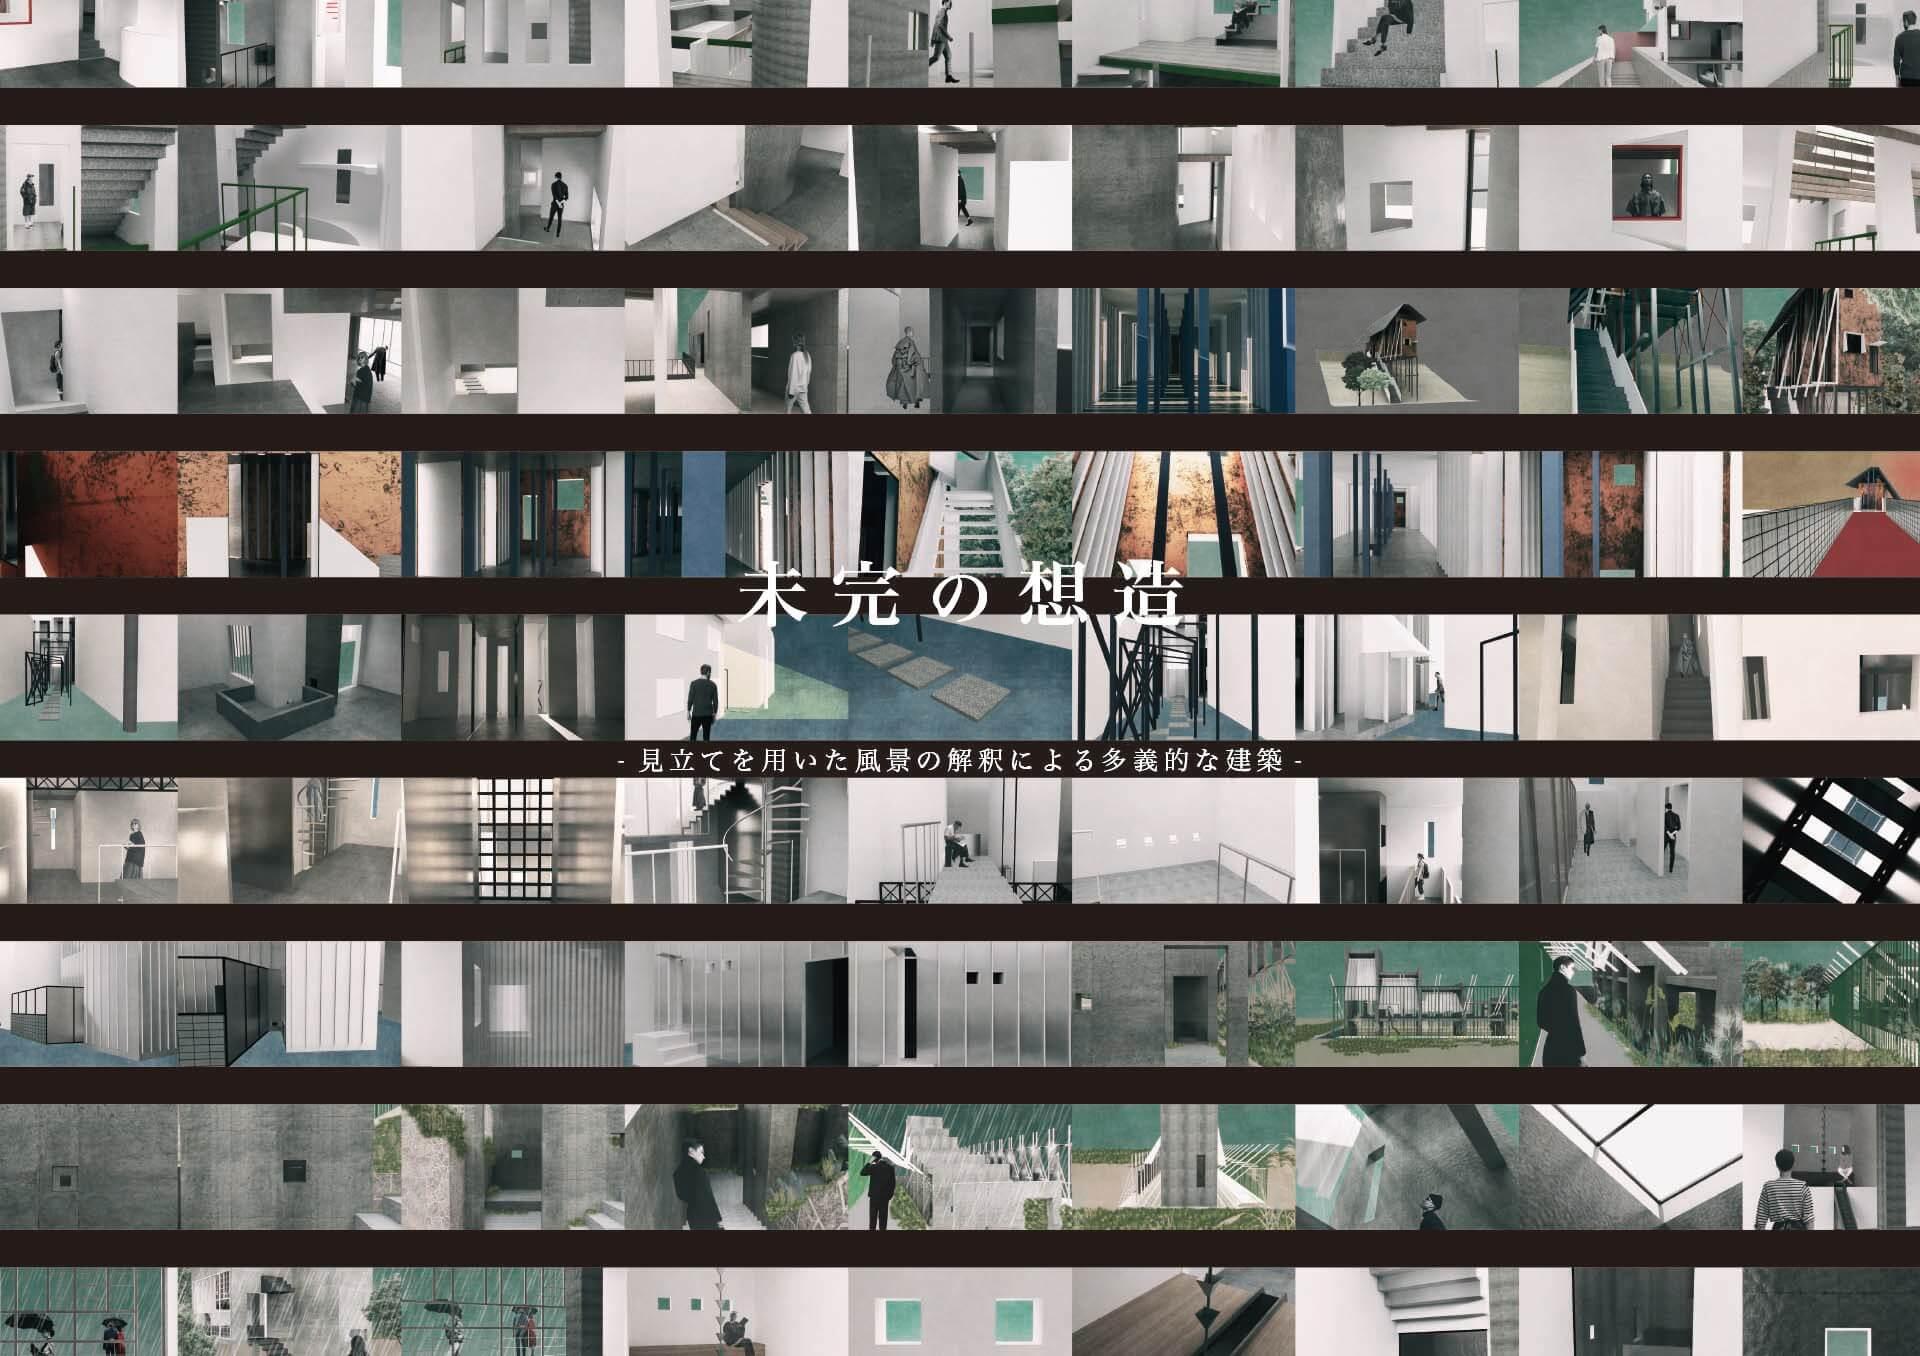 未完の想造 -見立てを用いた風景の解釈による多義的な建築--1